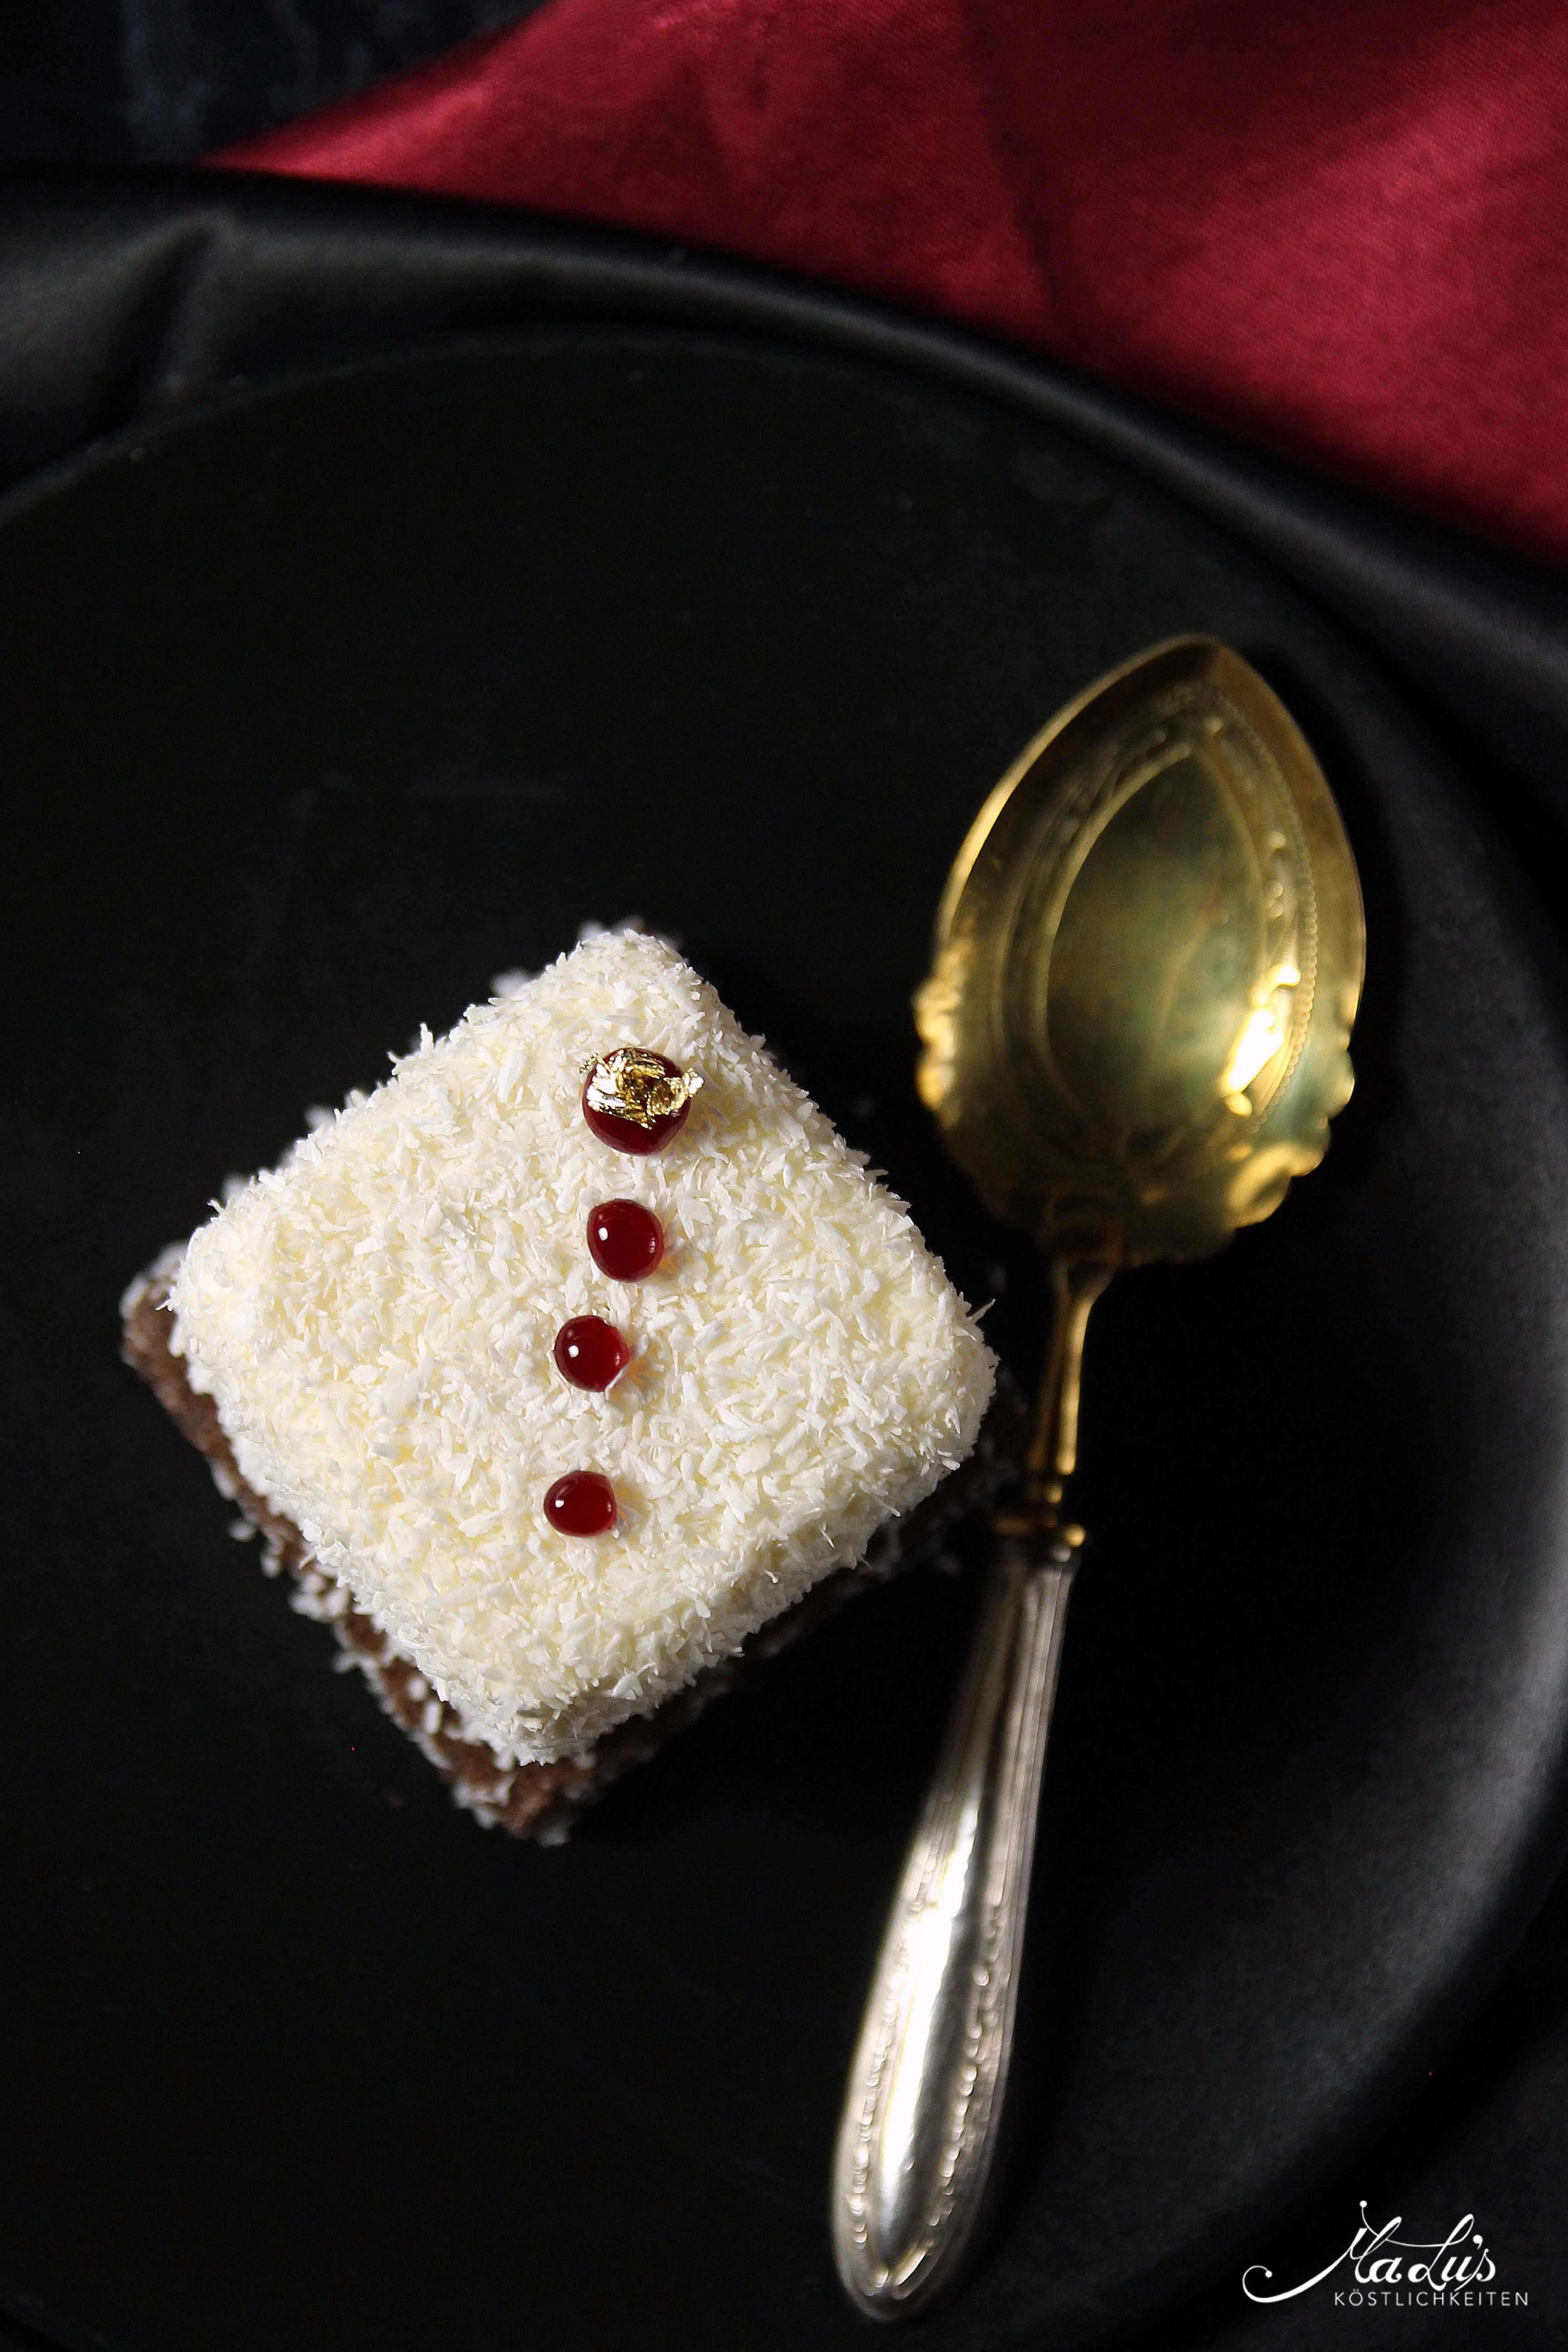 Kokostörtchen mit weißer Schokolade, Pflaume & Timut